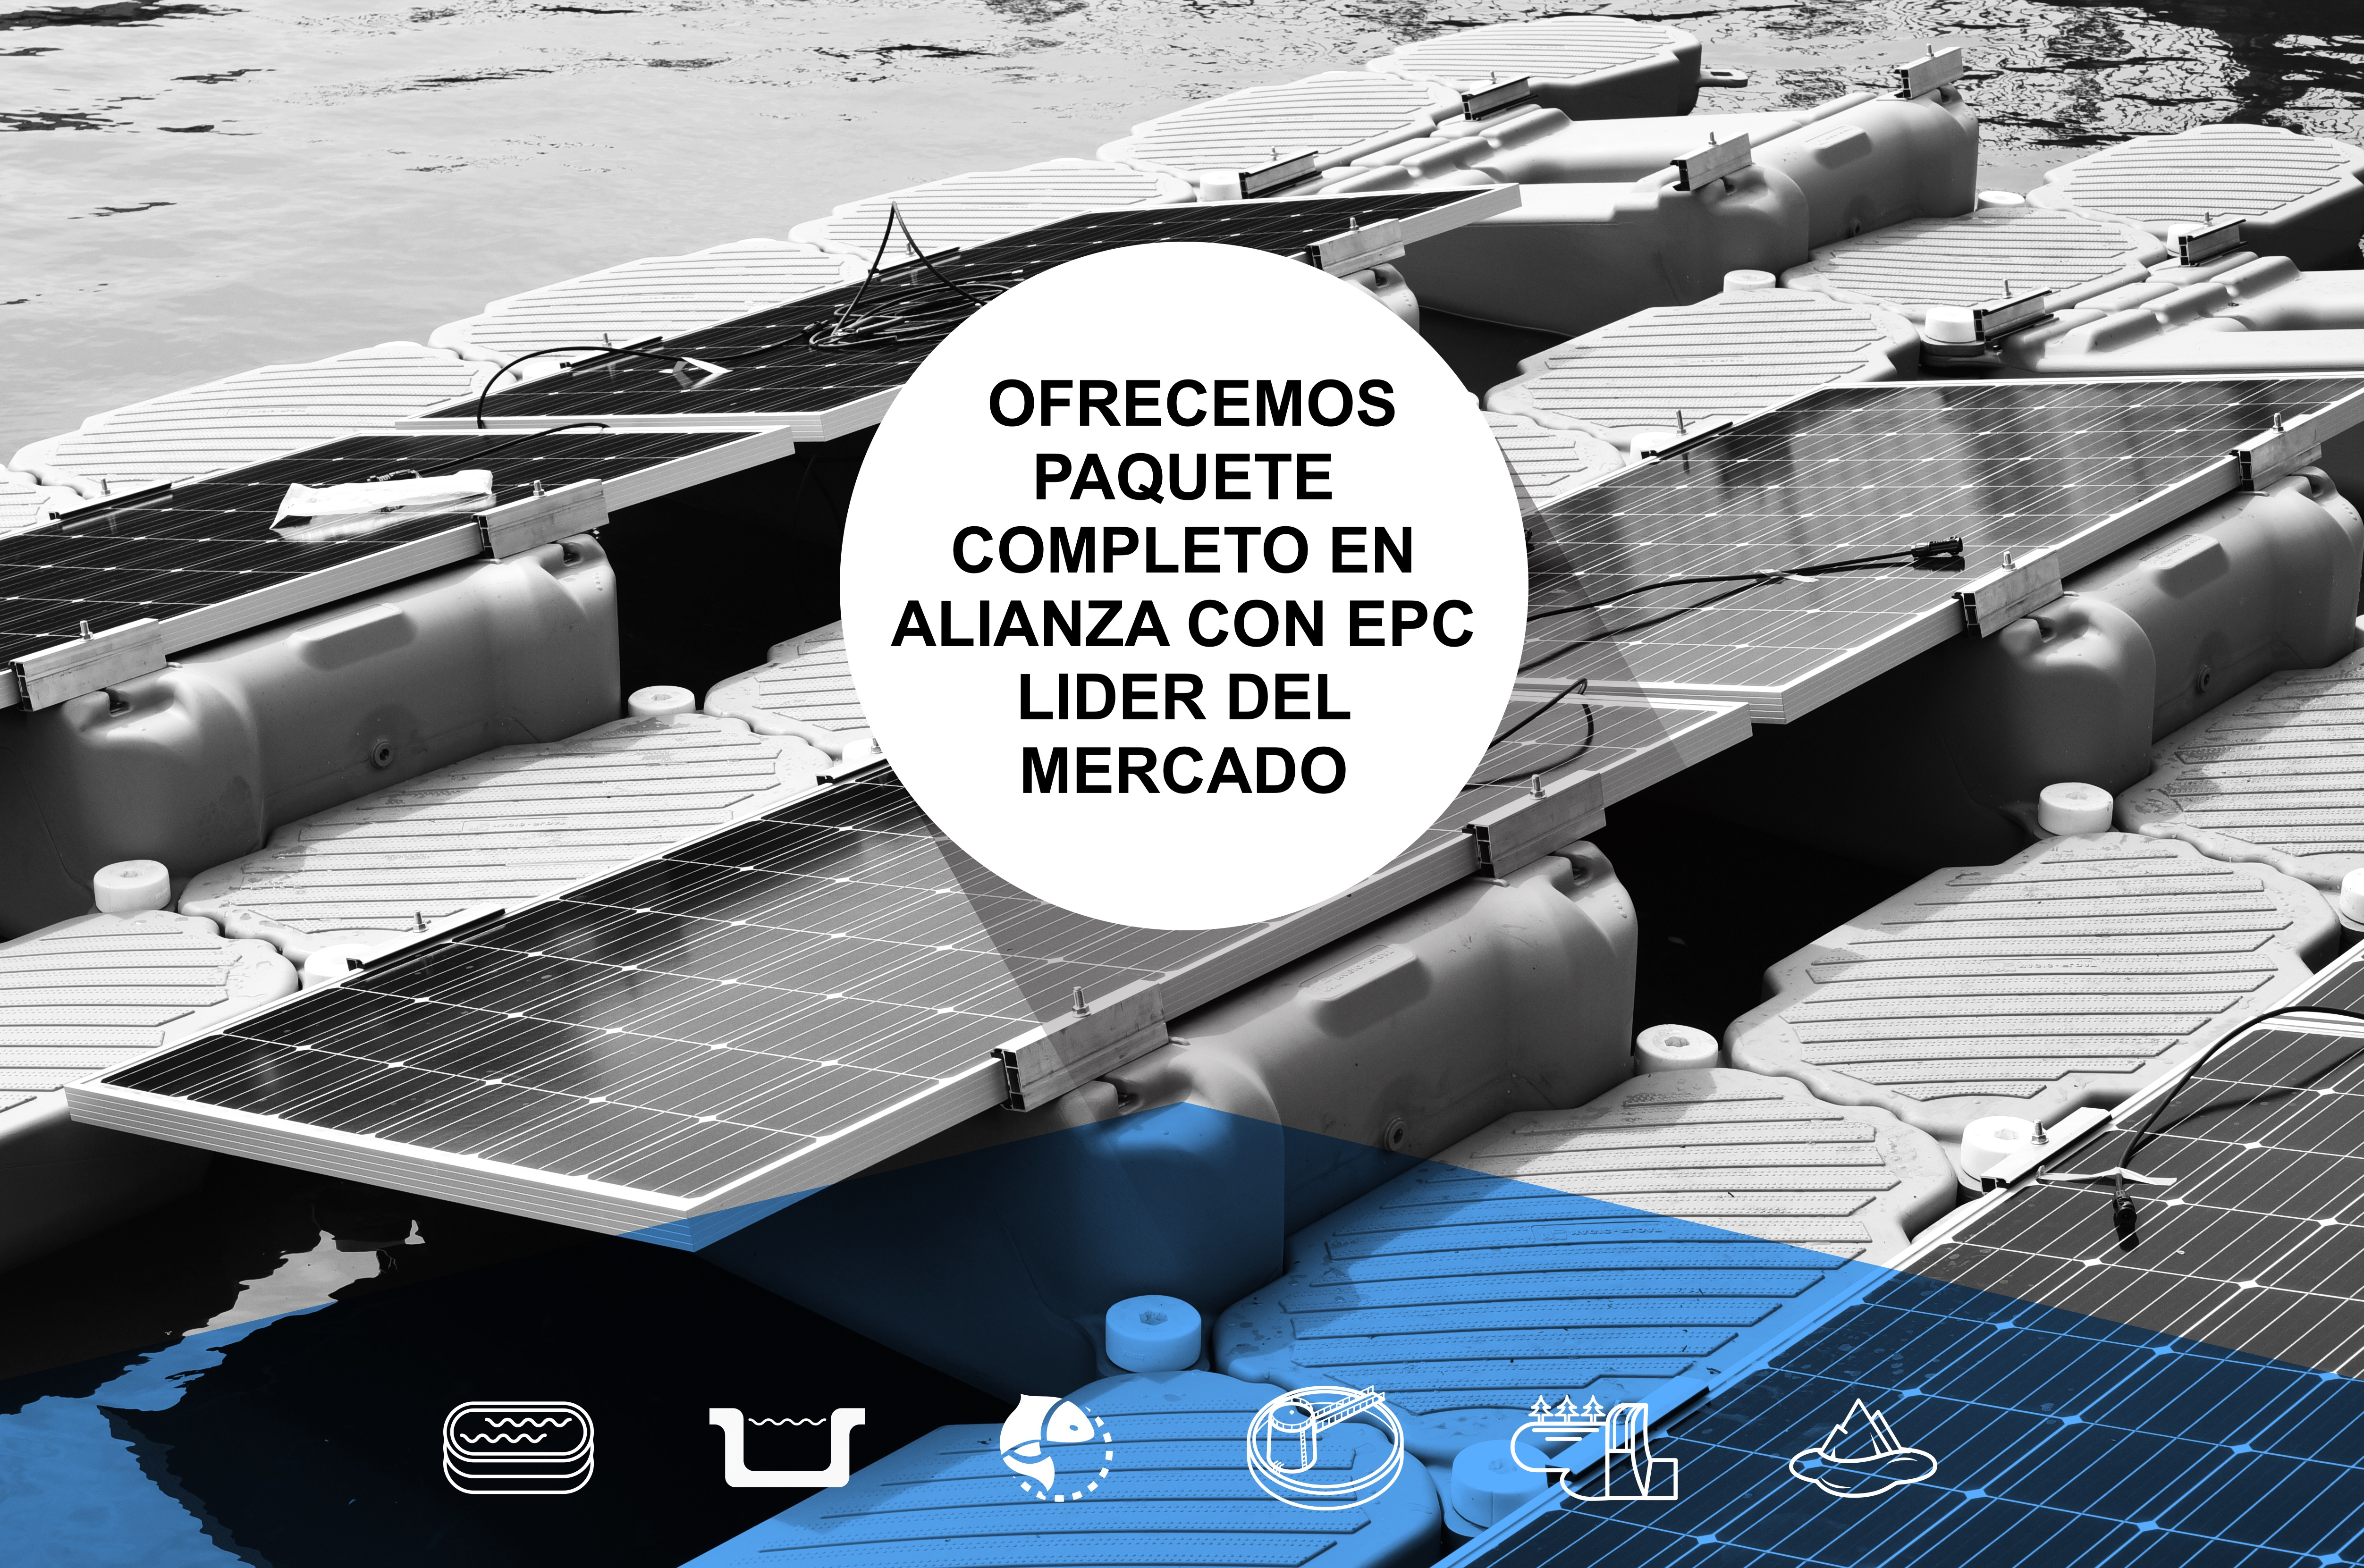 energia-solar-flotante-dbot